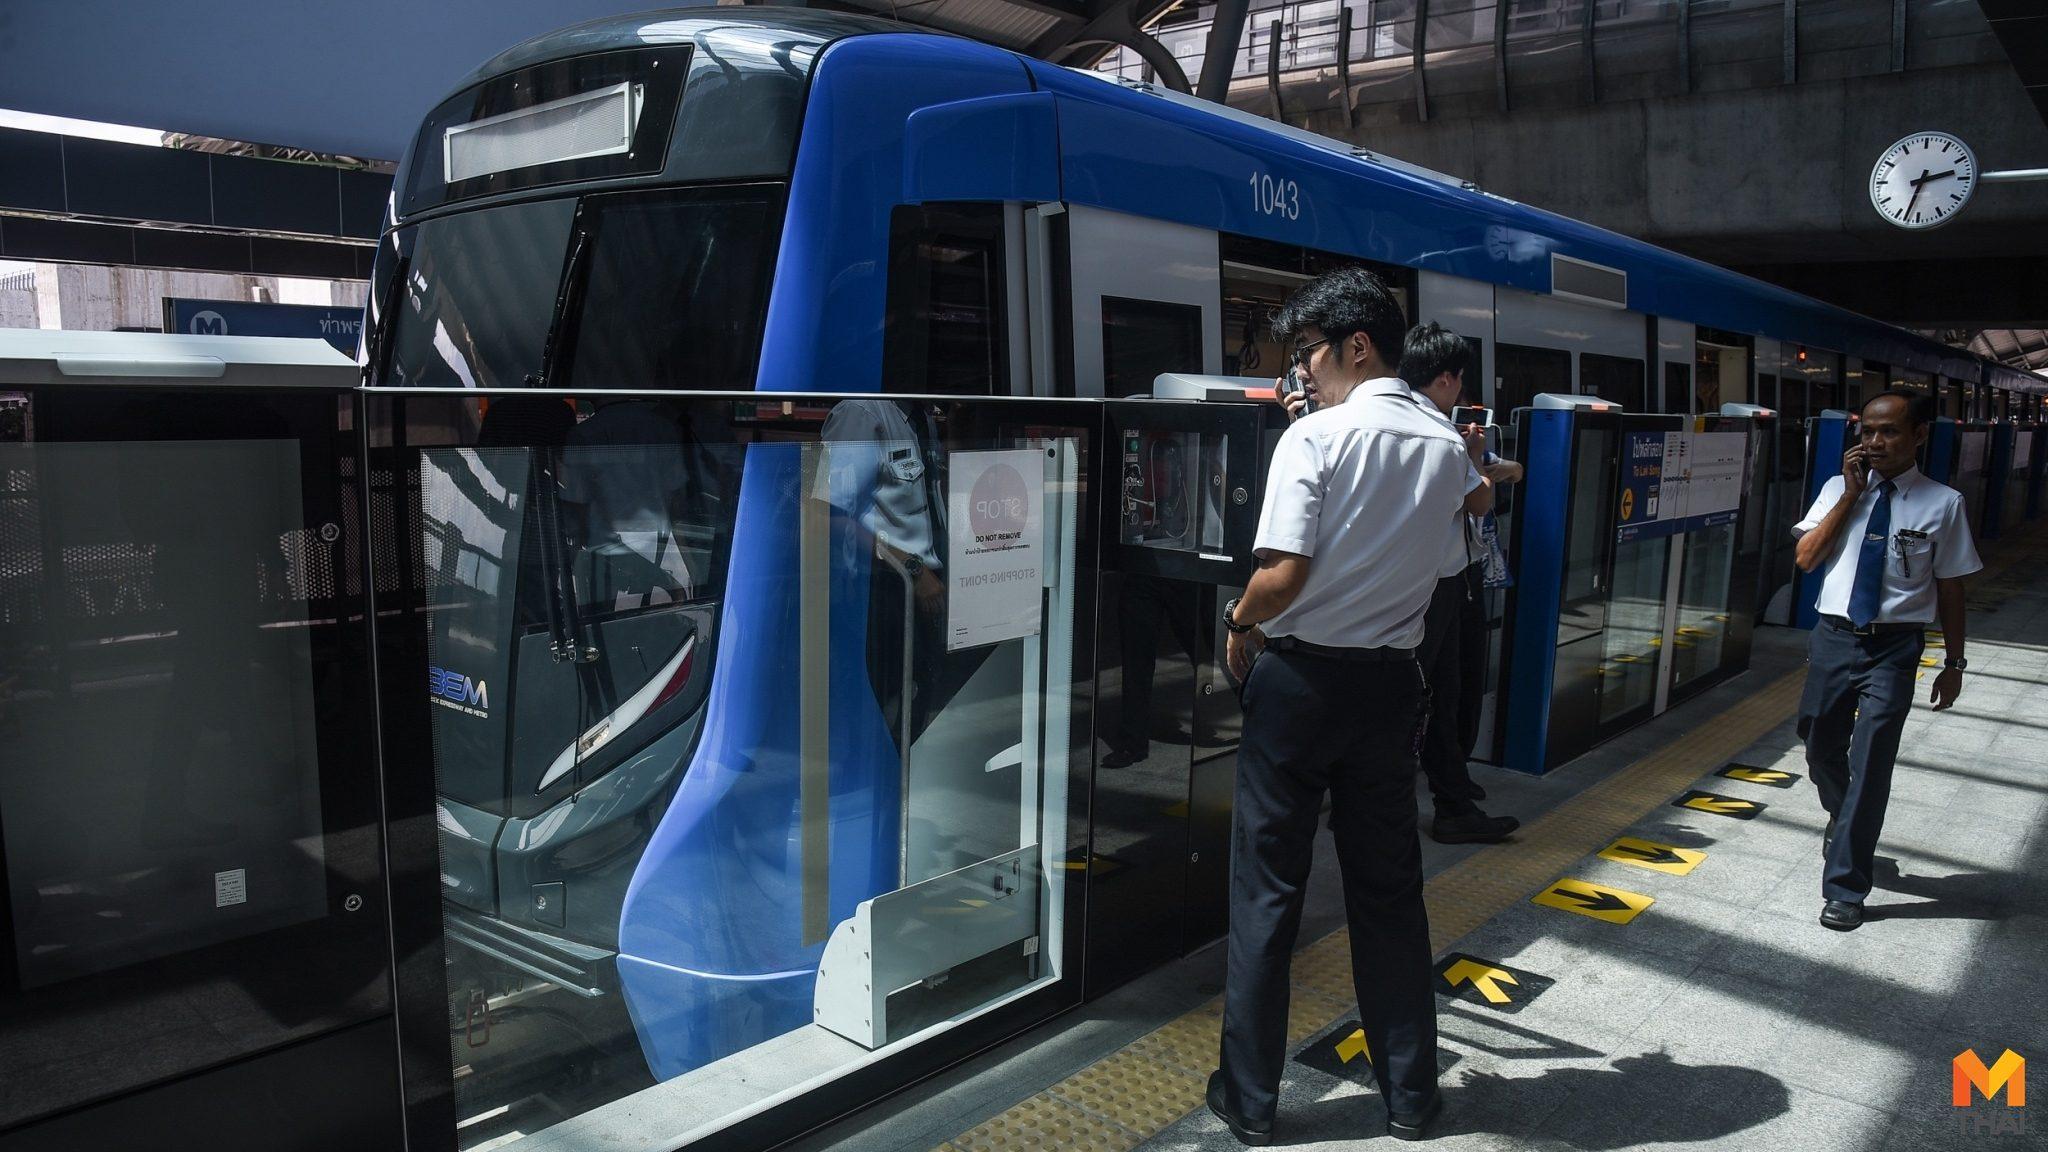 รฟม.เปิดทดลองใช้บริการรถไฟฟ้าสายสีน้ำเงิน ส่วนต่อขยายเพิ่มอีก 2 สถานี